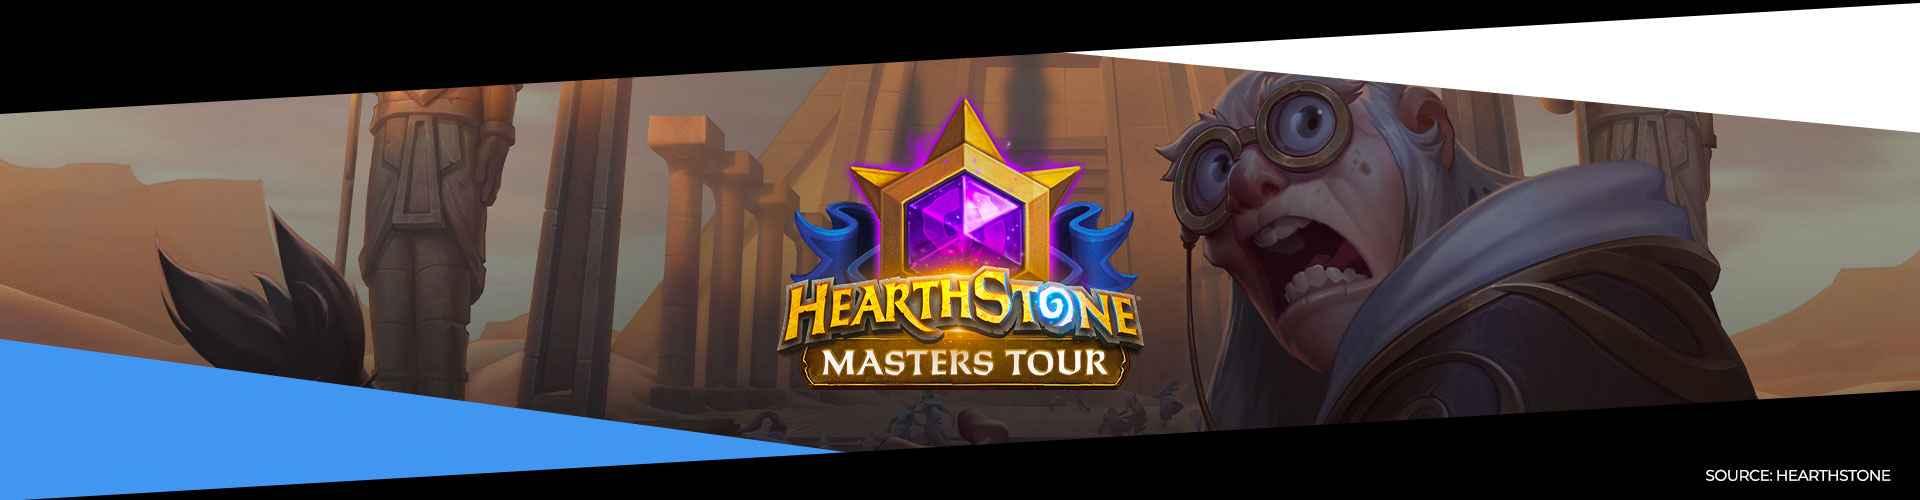 Eventsida för Masters Tour Arlington 2020.